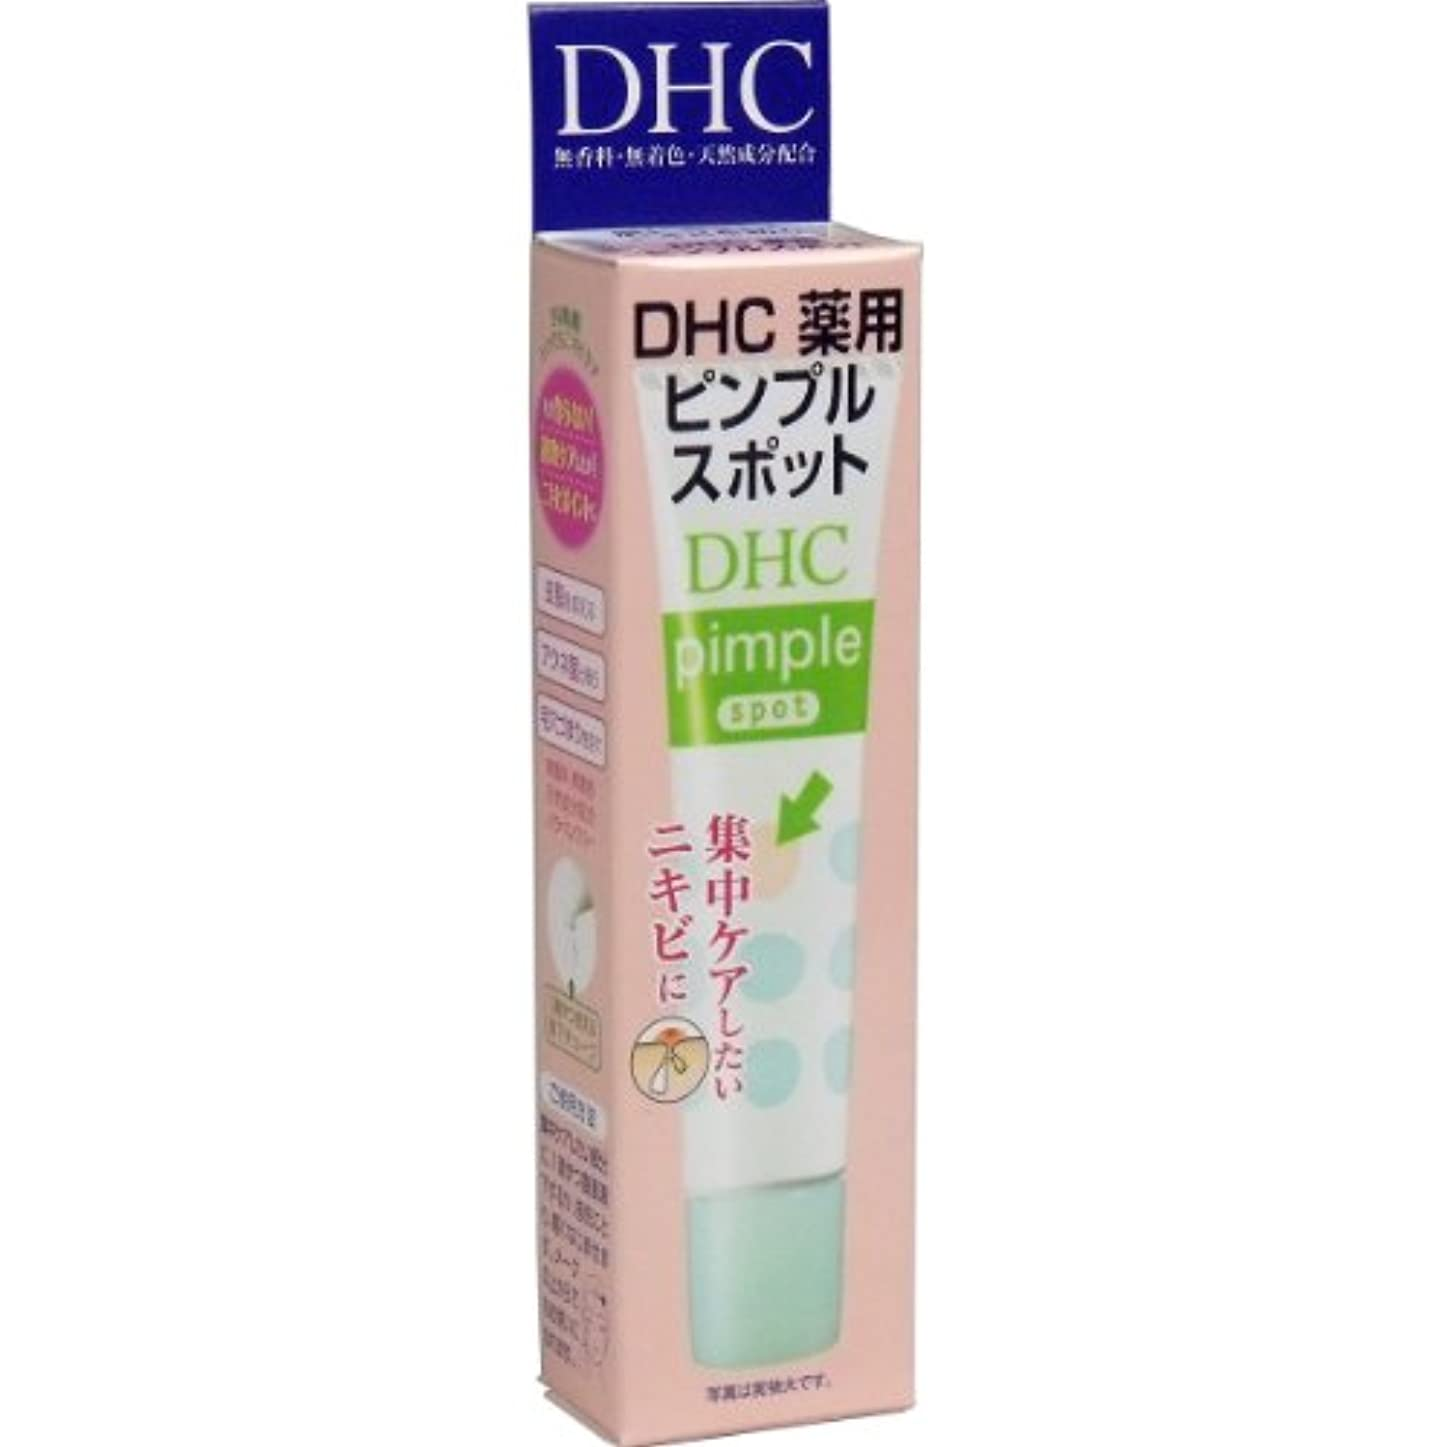 DHC 薬用ピンプルスポット 15ml